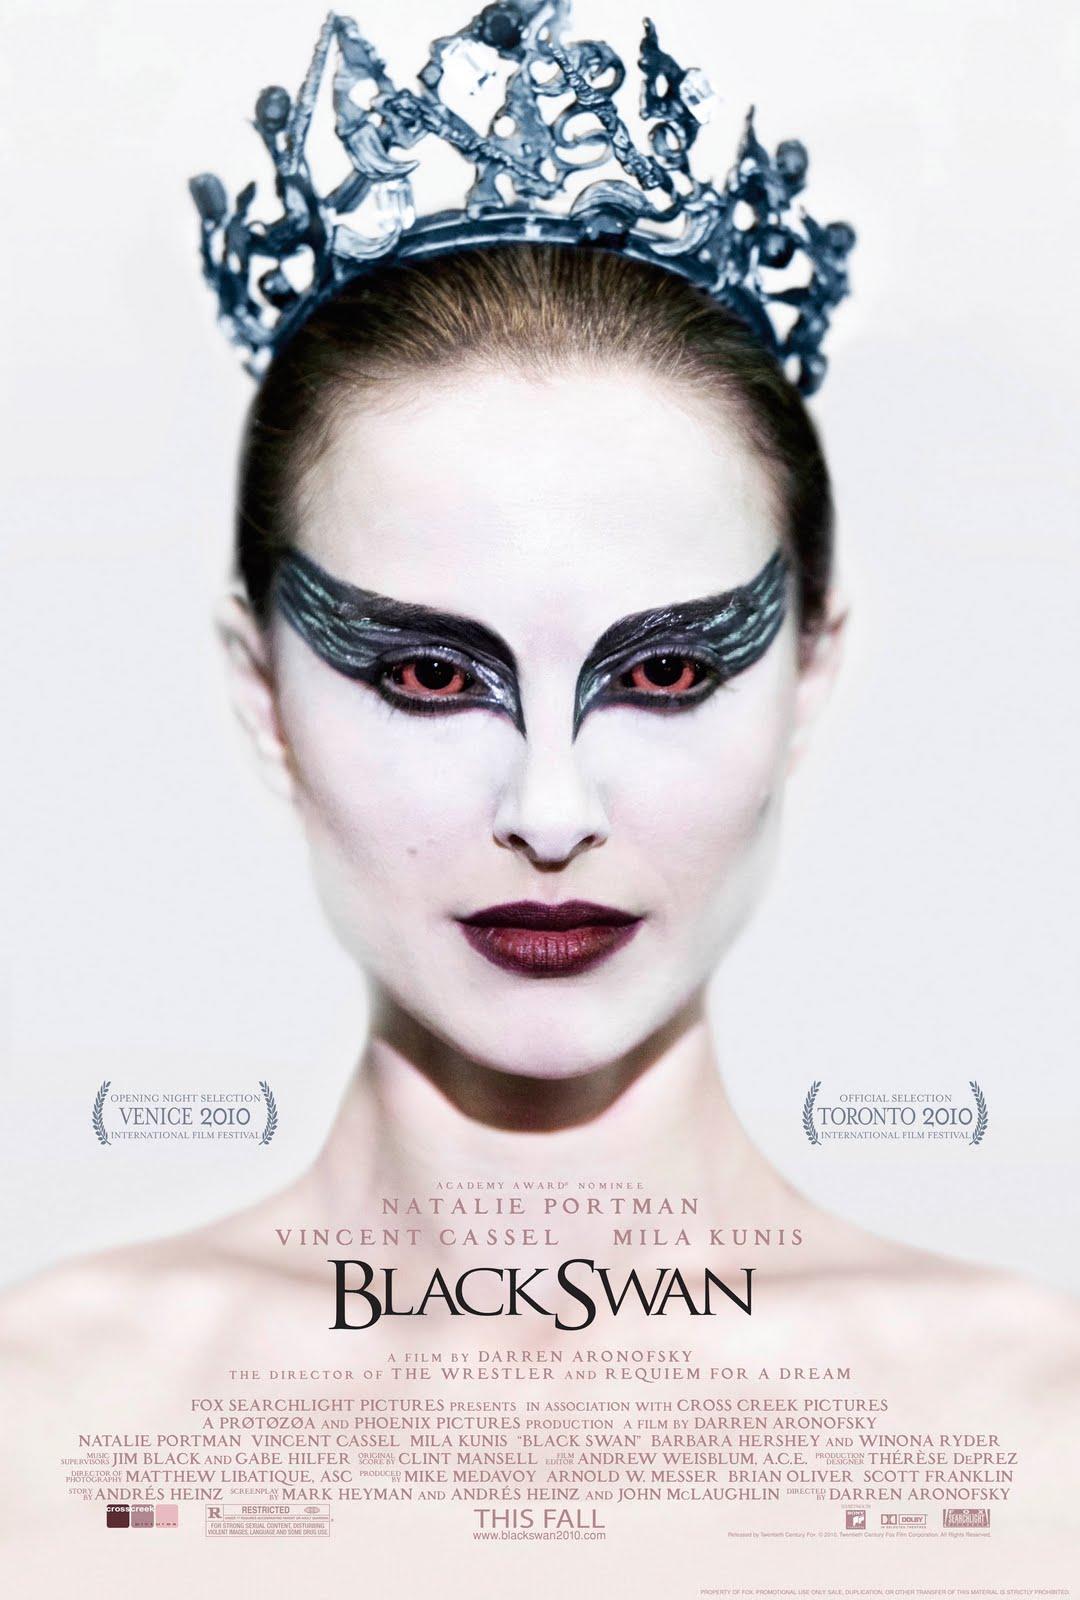 http://4.bp.blogspot.com/_TorNVlaUS8E/TMFSelryZvI/AAAAAAAAAxs/fPft4-rDySE/s1600/BLACK-SWAN-one-sheet.jpg